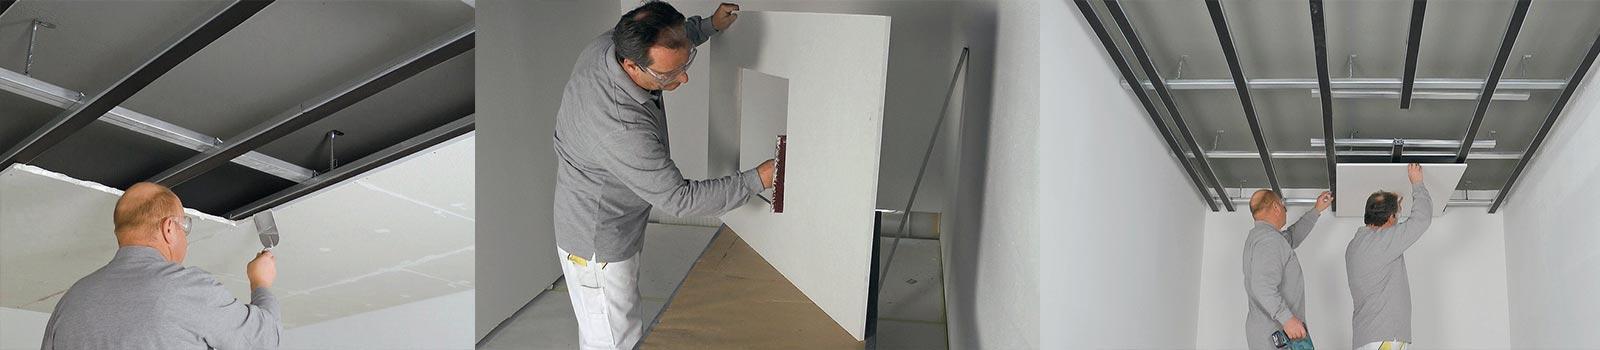 Mitarbeiter der 3B Denkmalpflege & Bausanierung GmbH beim anbringen von Gipskartonplatten